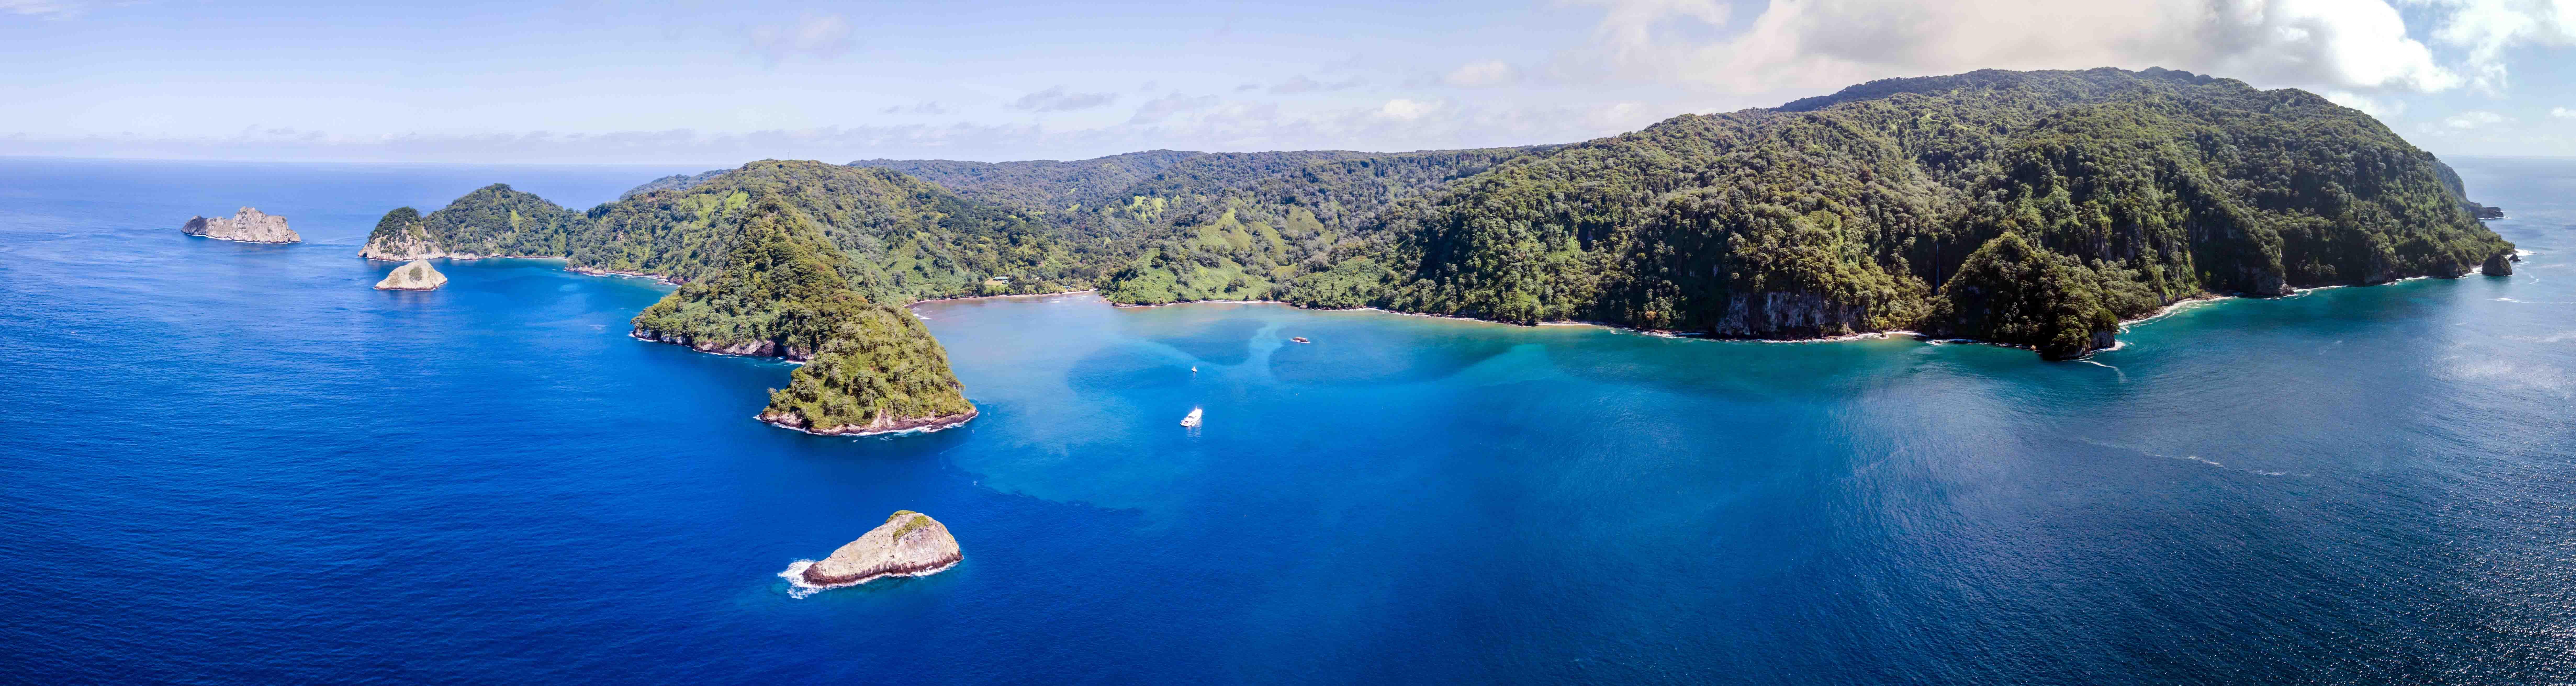 Trovare Lavoro In Costa Rica mollo tutto e vado in costa rica ! la guida completa per il